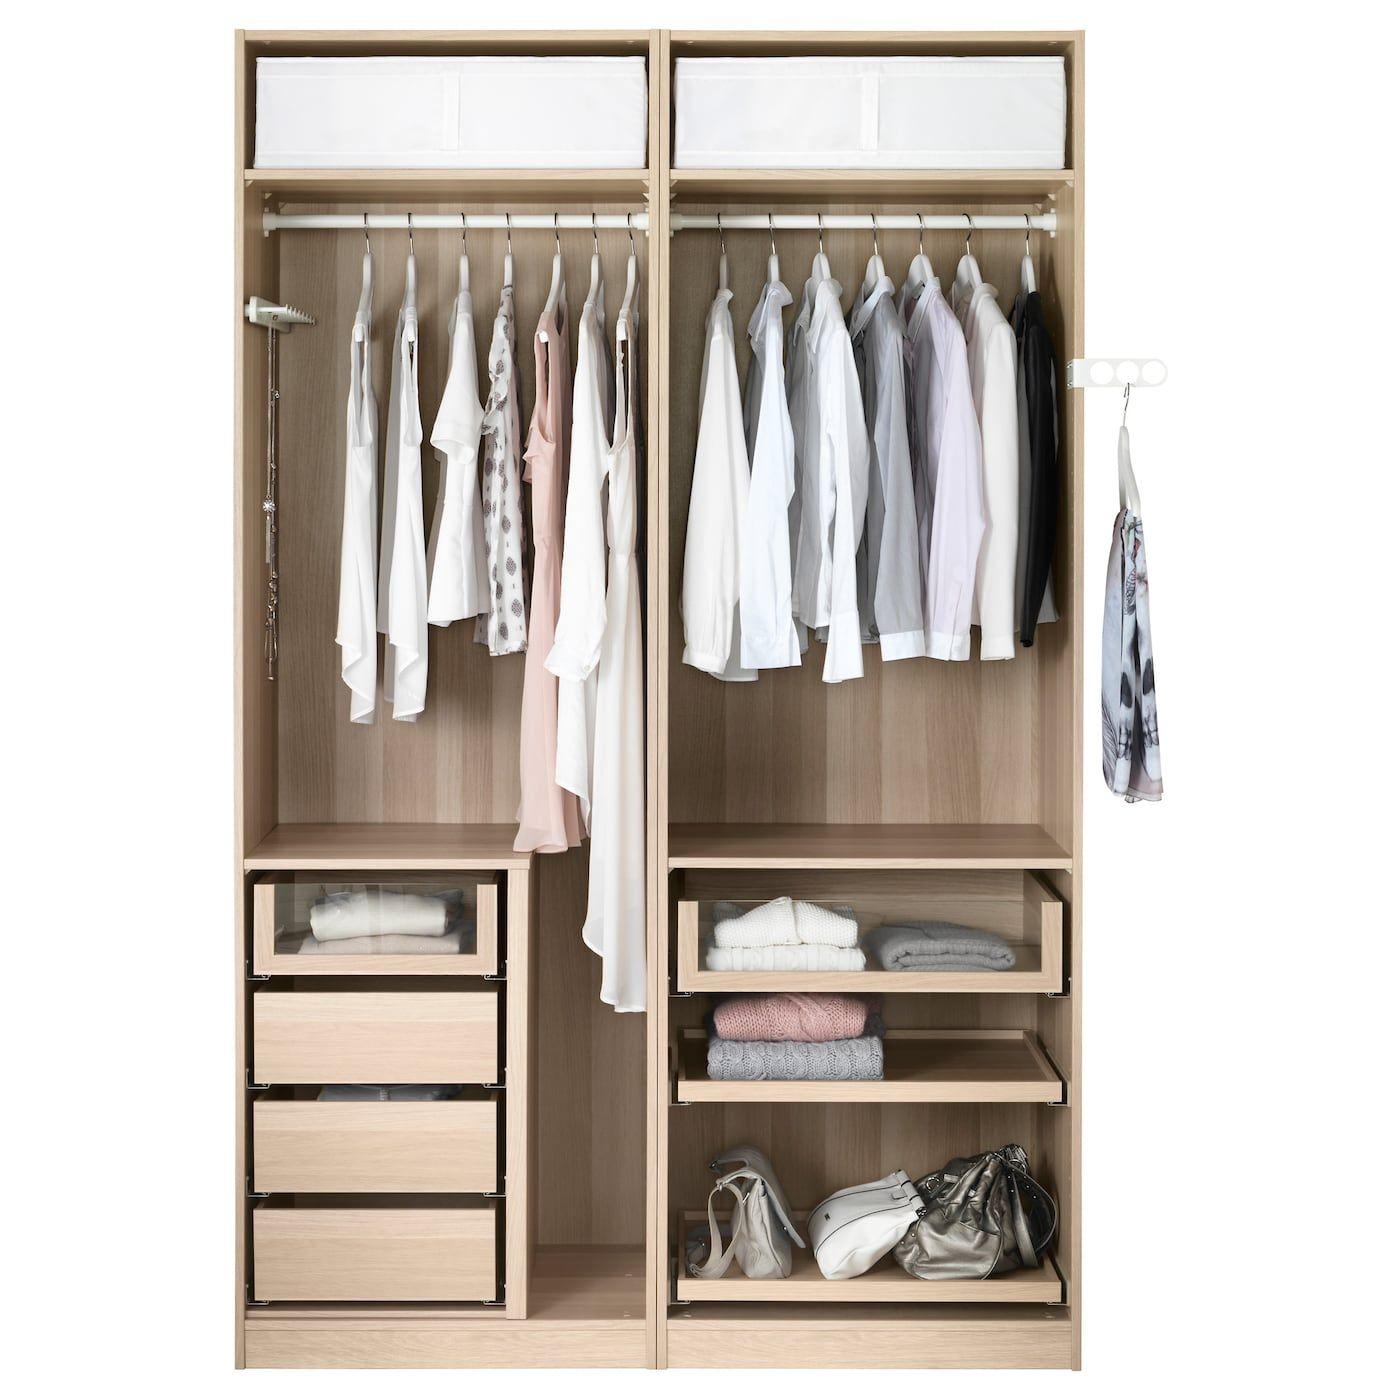 Pax Kleiderschrank Eicheneff Wlas Mehamn Weiss Ikea Closet Layout Closet Designs Ikea Pax Wardrobe